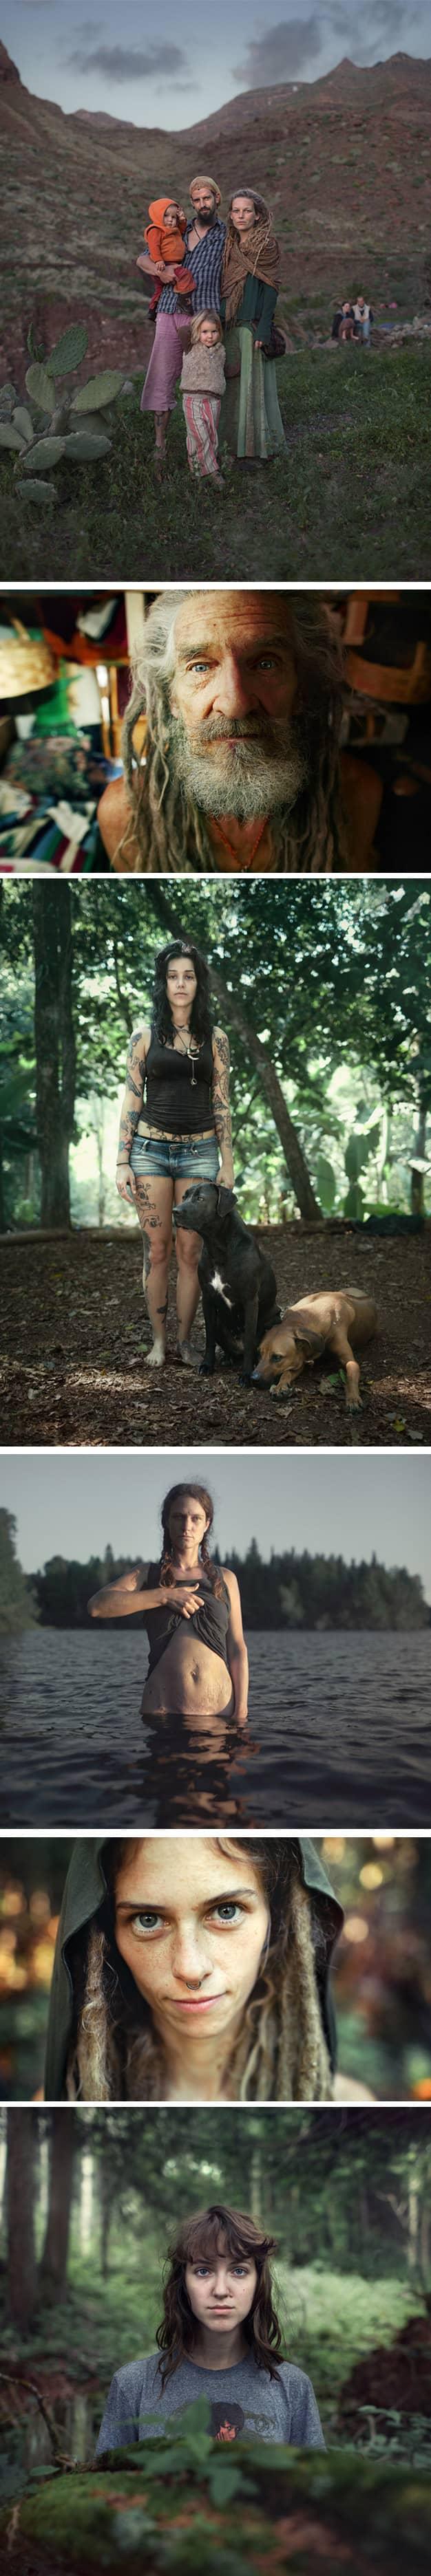 Fotógrafo retrata realidade secreta de grupo nômade com leis baseadas no amor 3